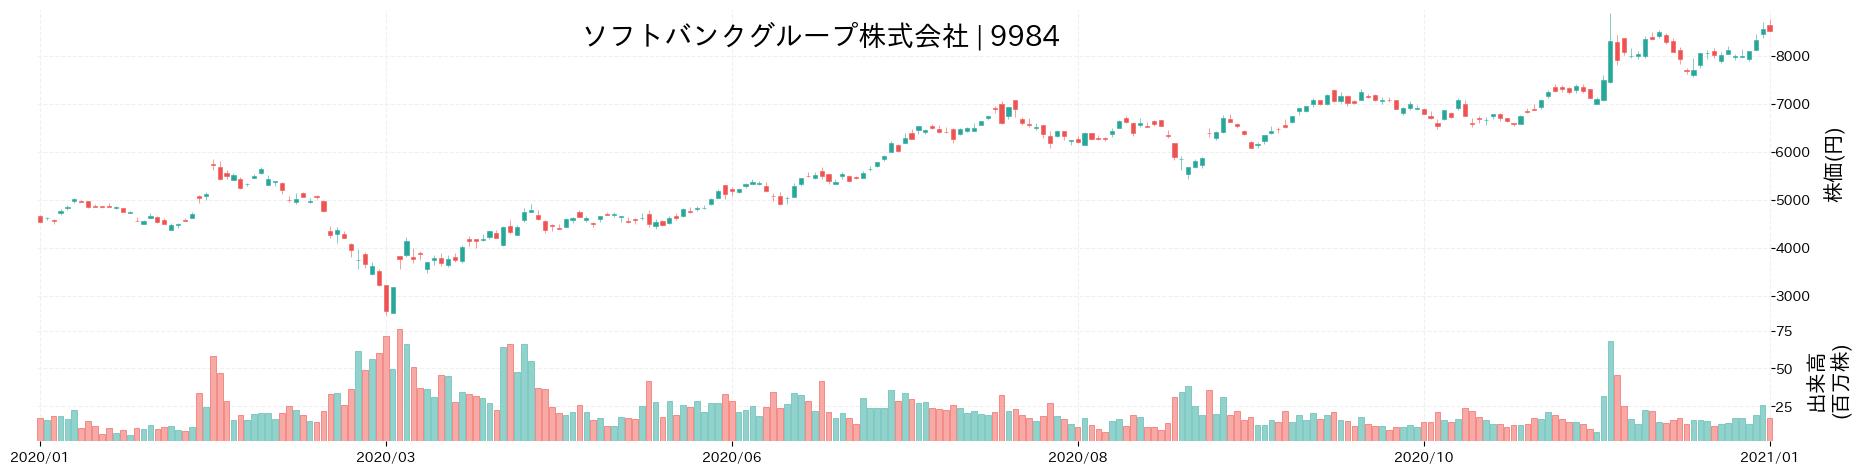 ソフトバンクグループ株式会社の株価推移(2020)